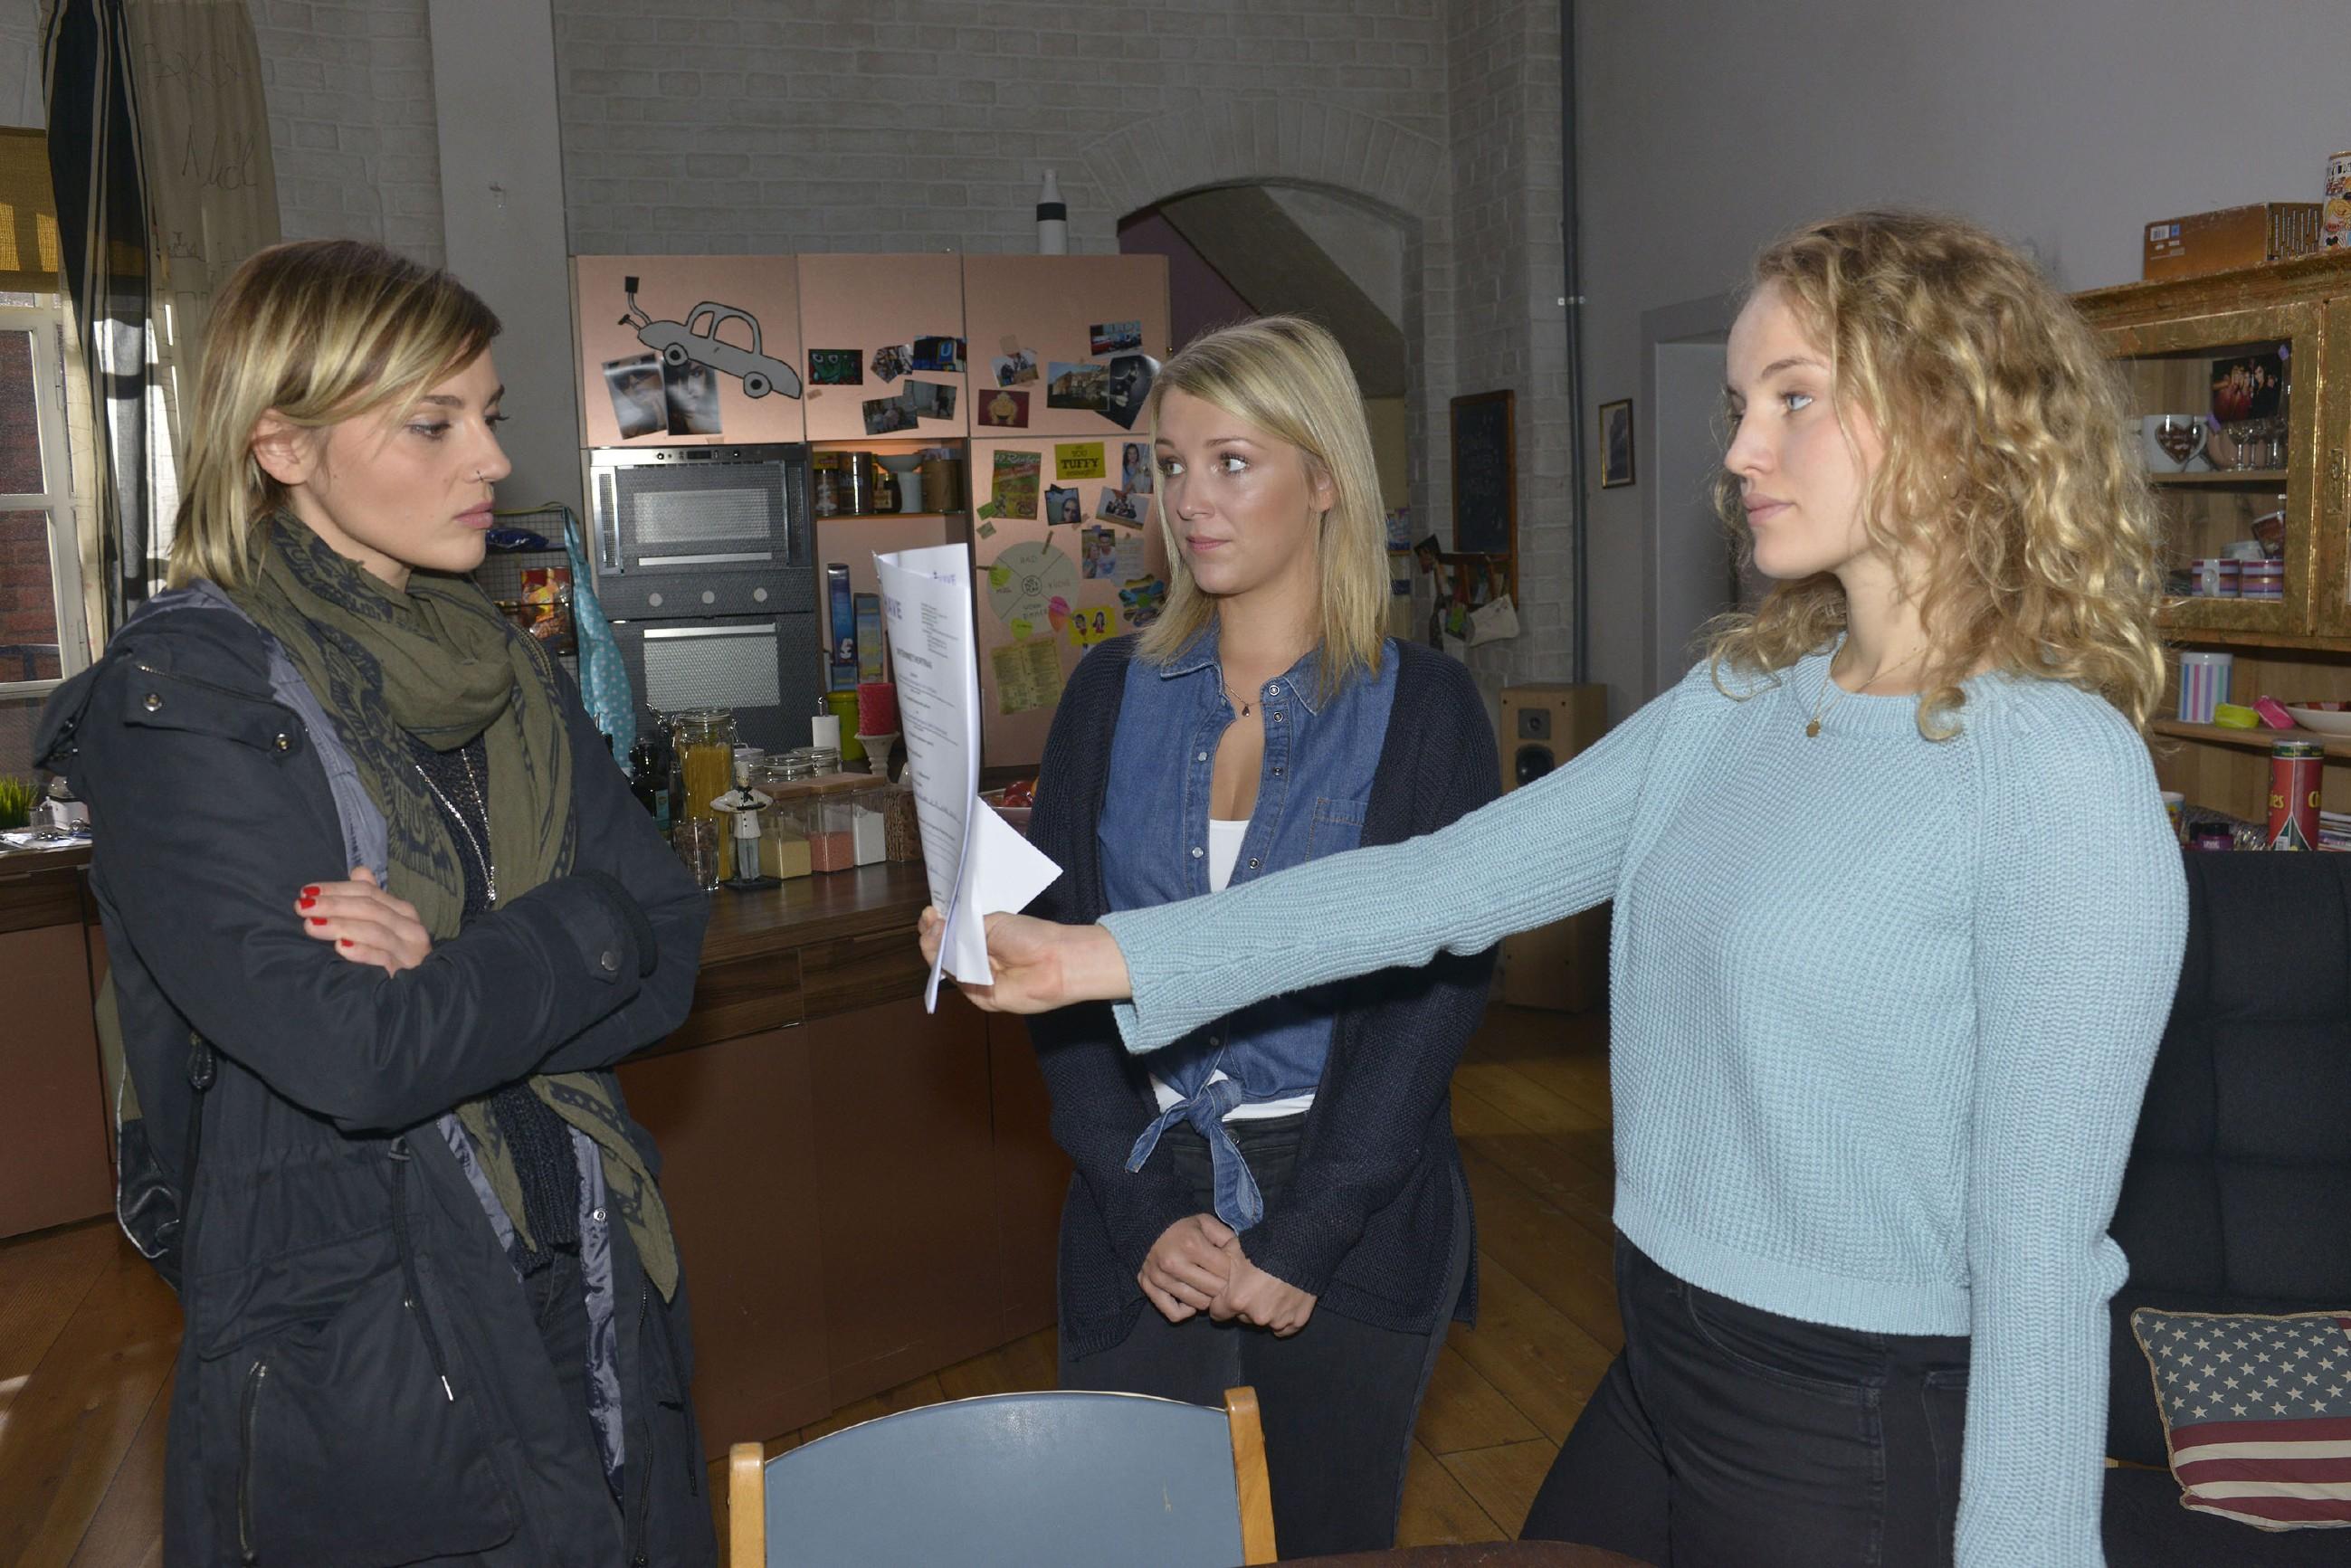 Anni (Linda Marlen Runge, l.) ist fassungslos, als ihre Halbschwester Jule (Luise von Finckh, r.) ihr einen Mietvertrag für die WG präsentiert, den sie von Lilly (Iris Mareike Steen) bekommen hat. (Quelle: RTL / Rolf Baumgartner)